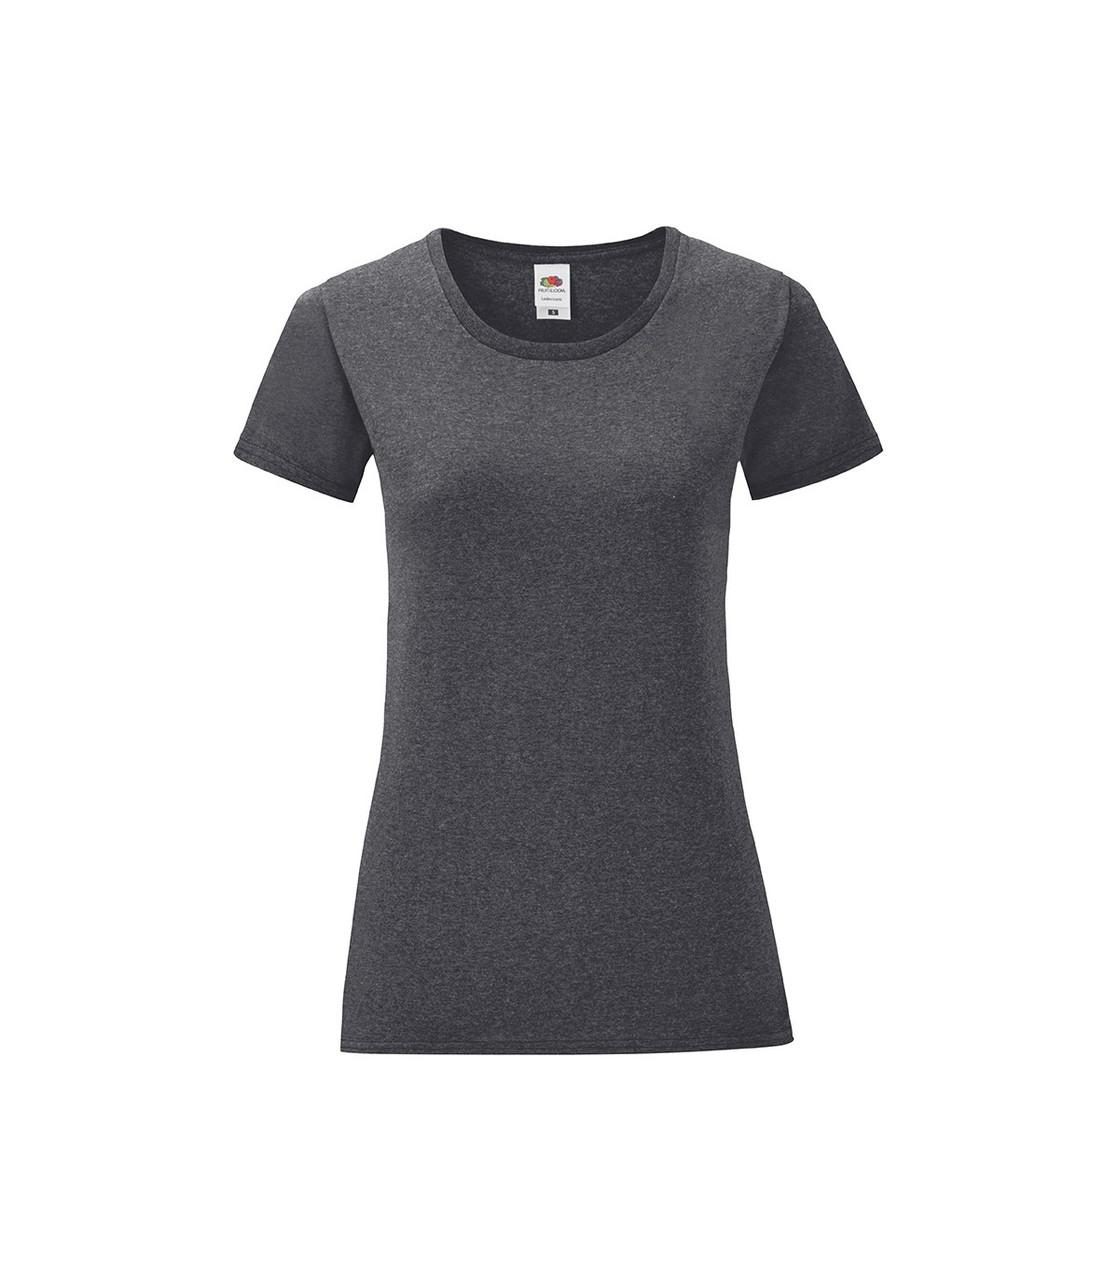 Женская футболка хлопок темно серая меланж 432-HD